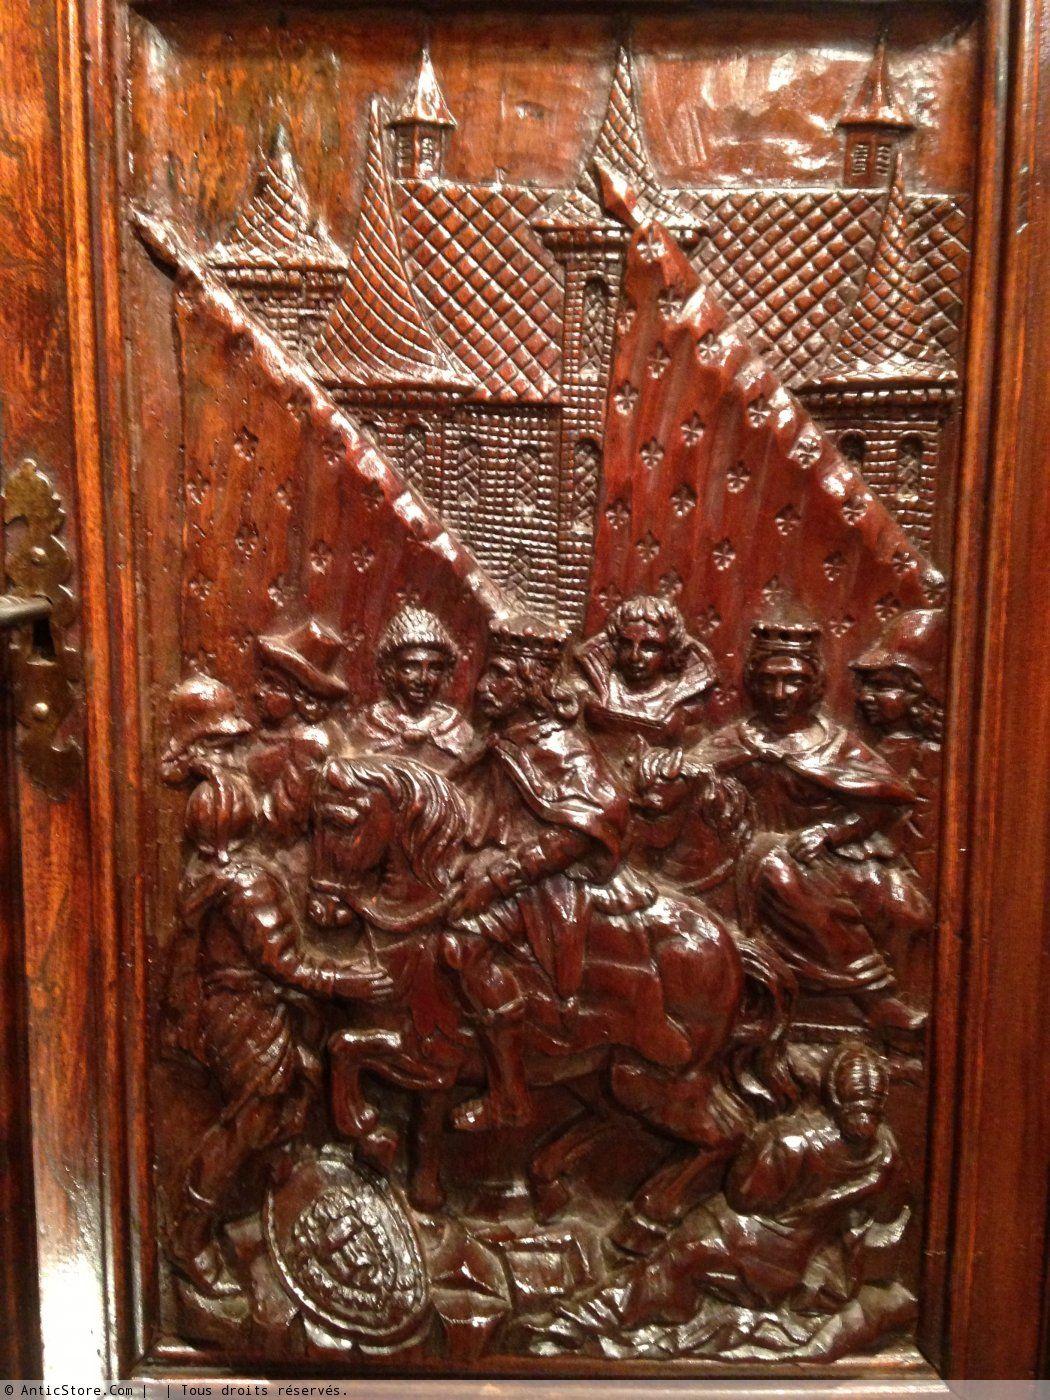 10 Armoire Aux Cavaliers Royaux Languedoc Vers 1600 Xviie Siecle N 34017 D Autres Exemplaires Sont Detenus Dans Le Renaissance Antiquaires Xviie Siecle